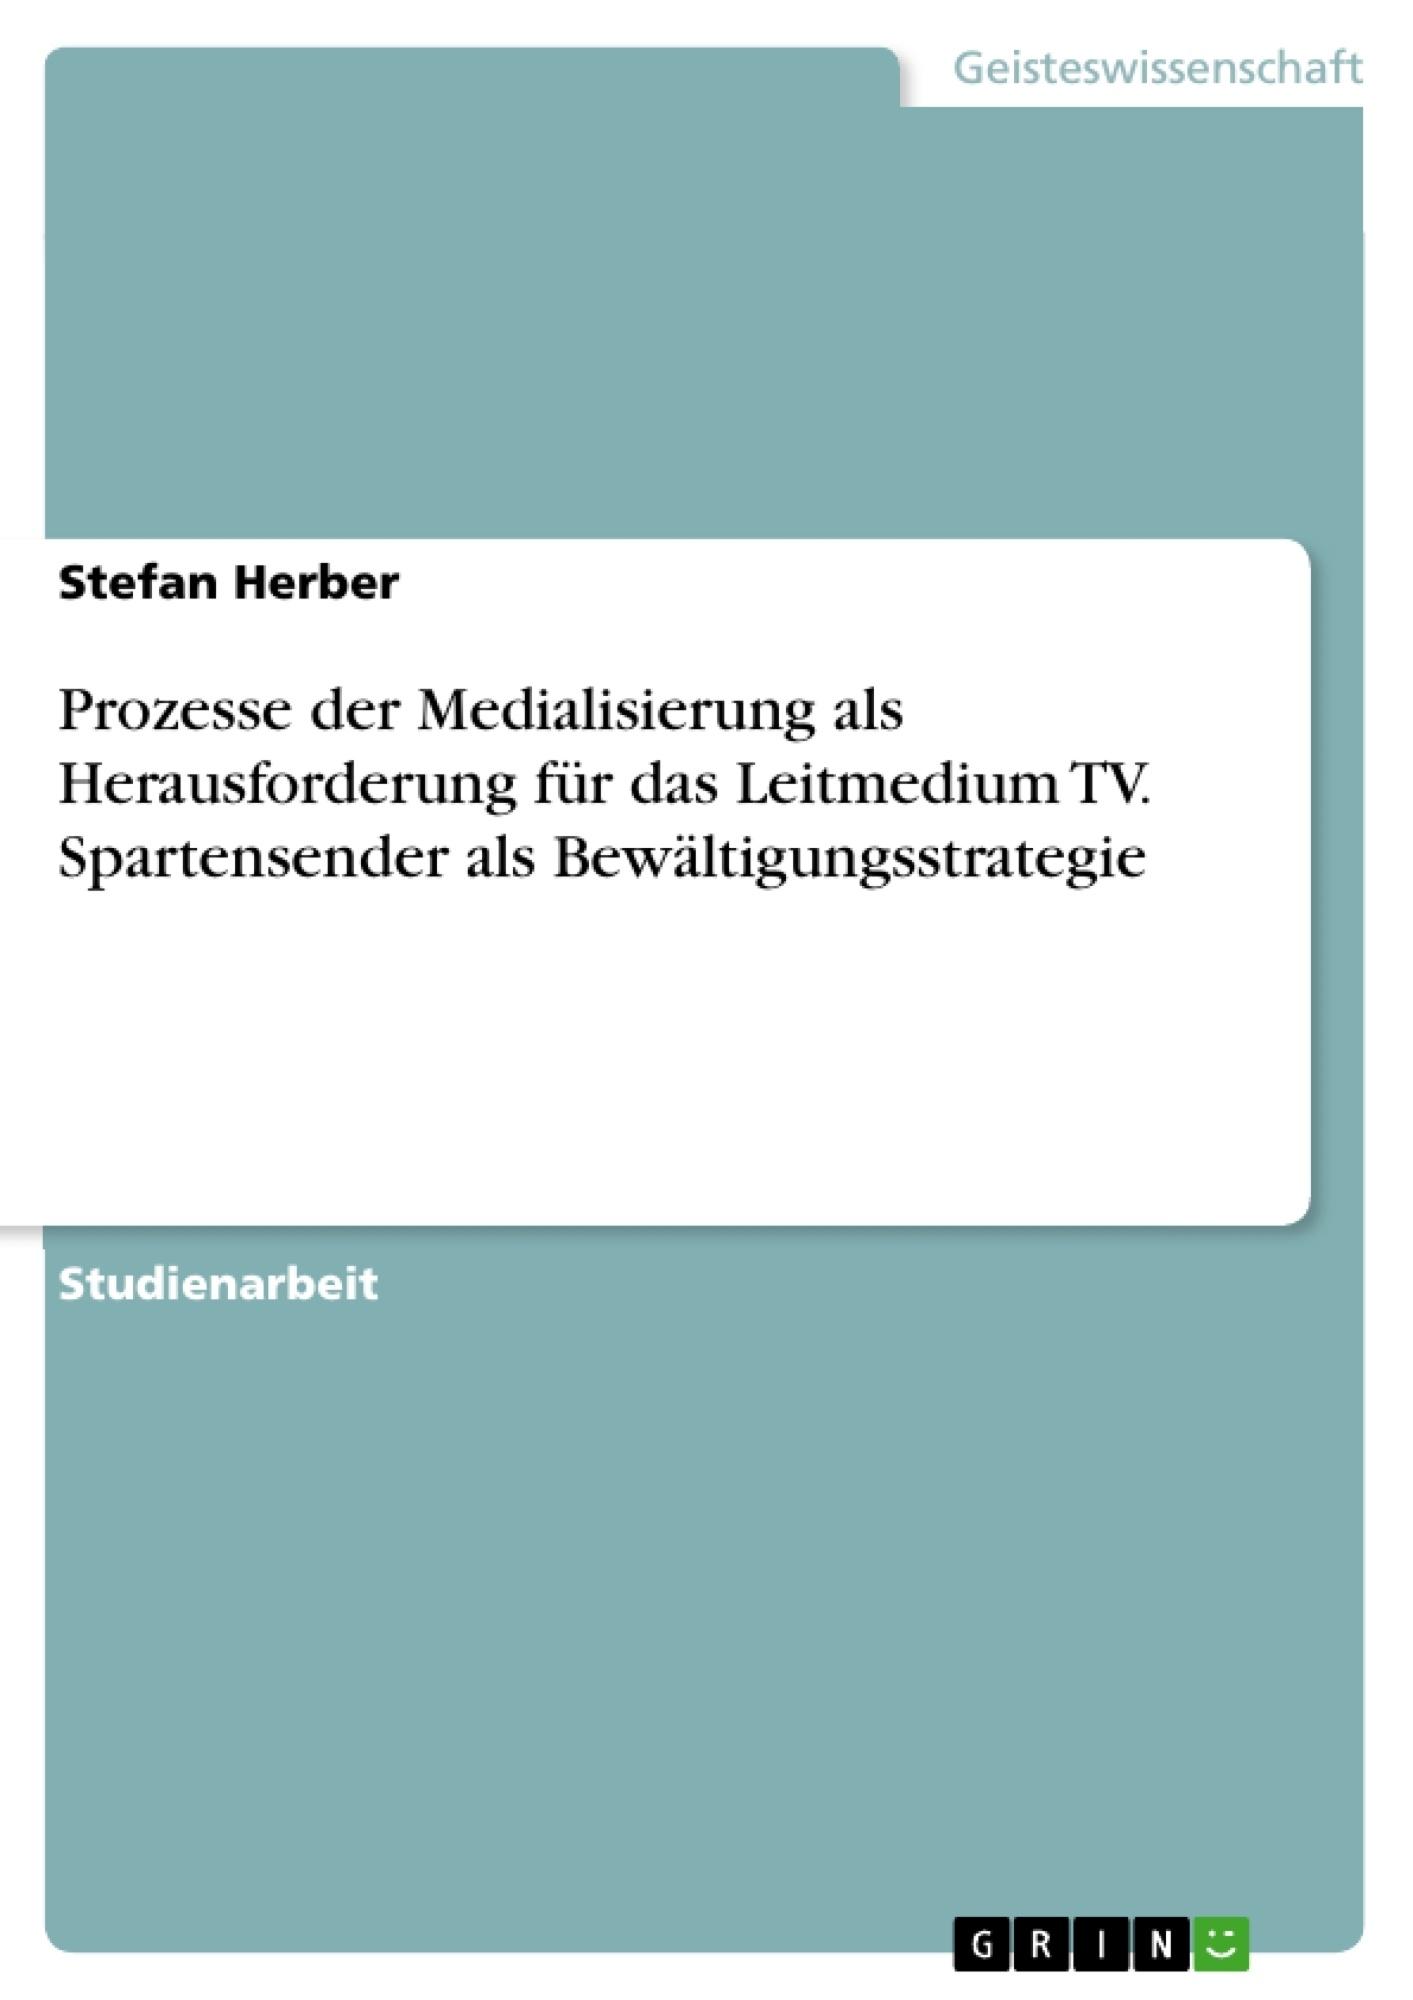 Titel: Prozesse der Medialisierung als Herausforderung für das Leitmedium TV. Spartensender als Bewältigungsstrategie